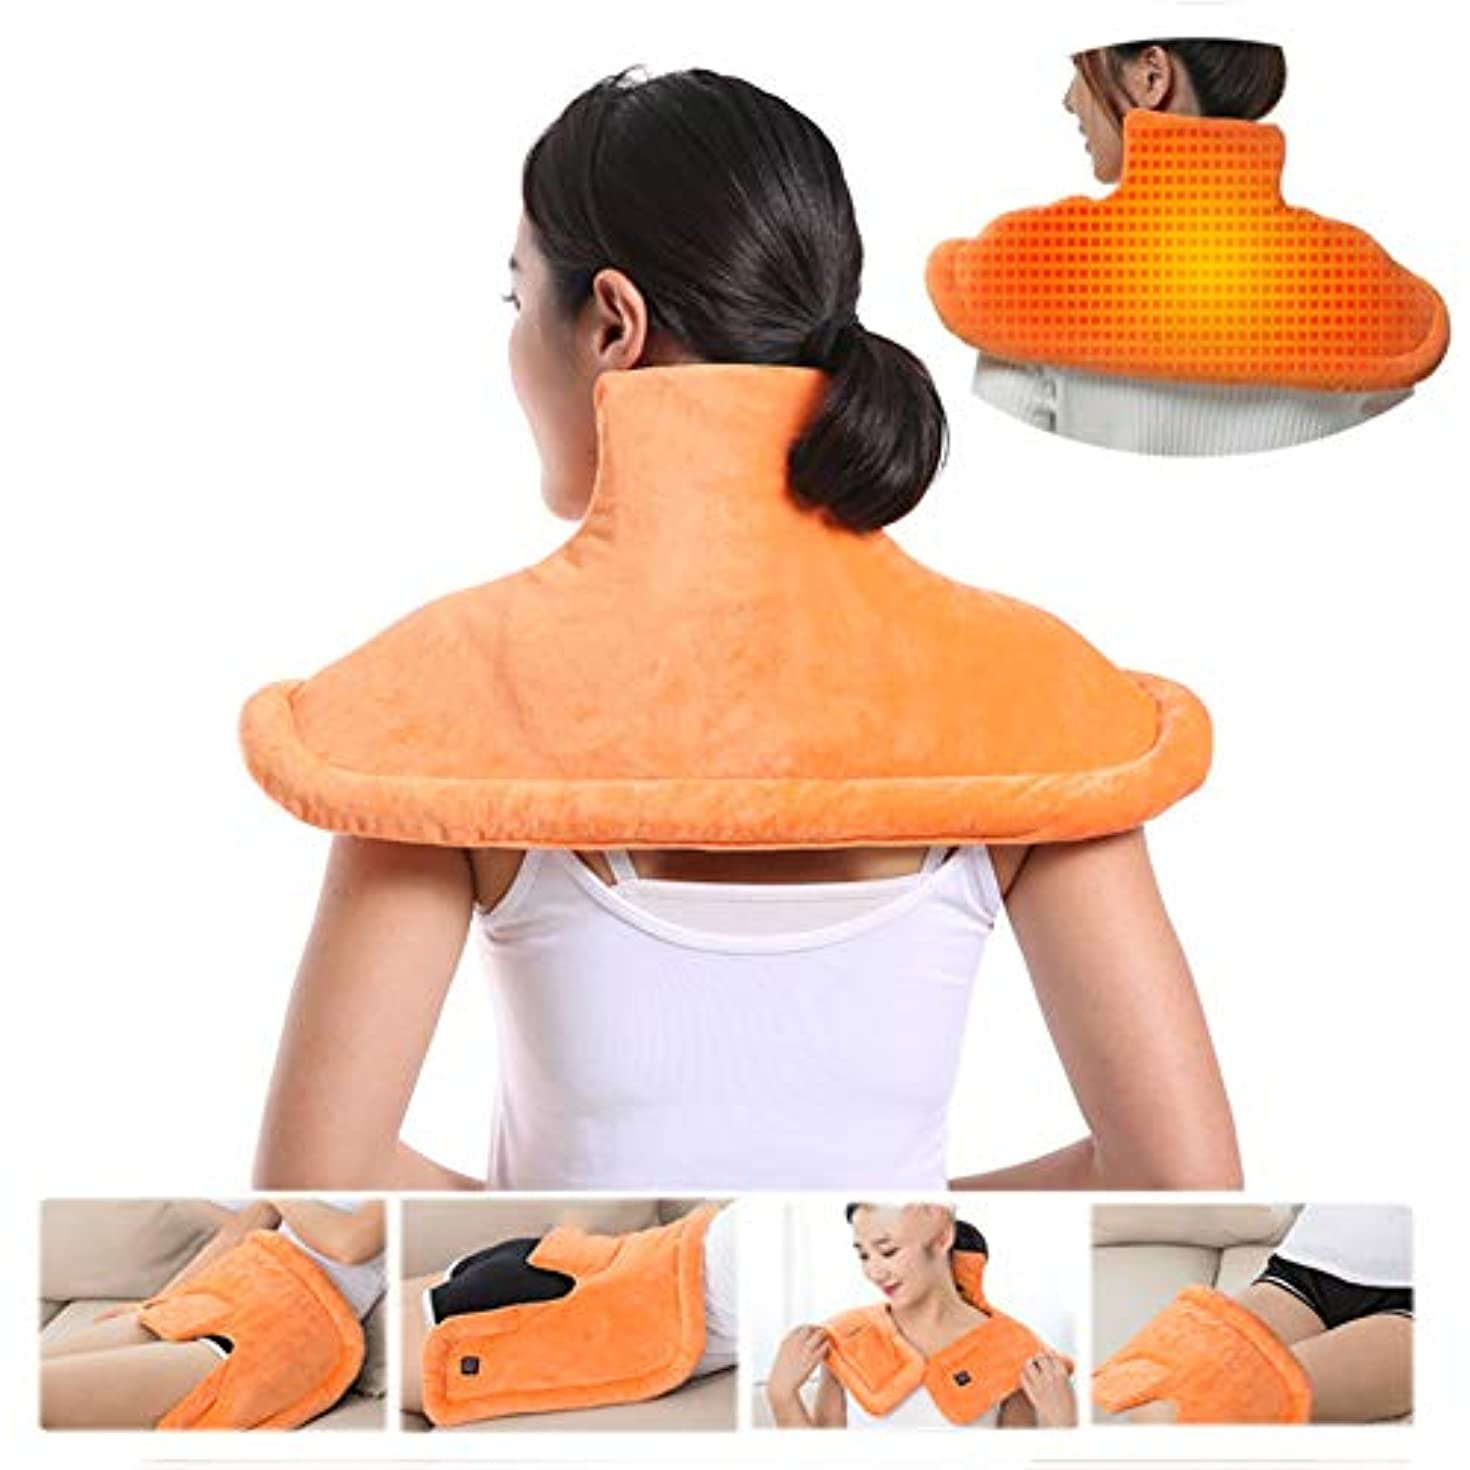 思いやりのある支払う魅了する首の肩の背部暖房パッド、マッサージのヒートラップの熱くするショールの減圧のための調節可能な強度フルボディマッサージ首の肩暖房湿った熱療法のパッド